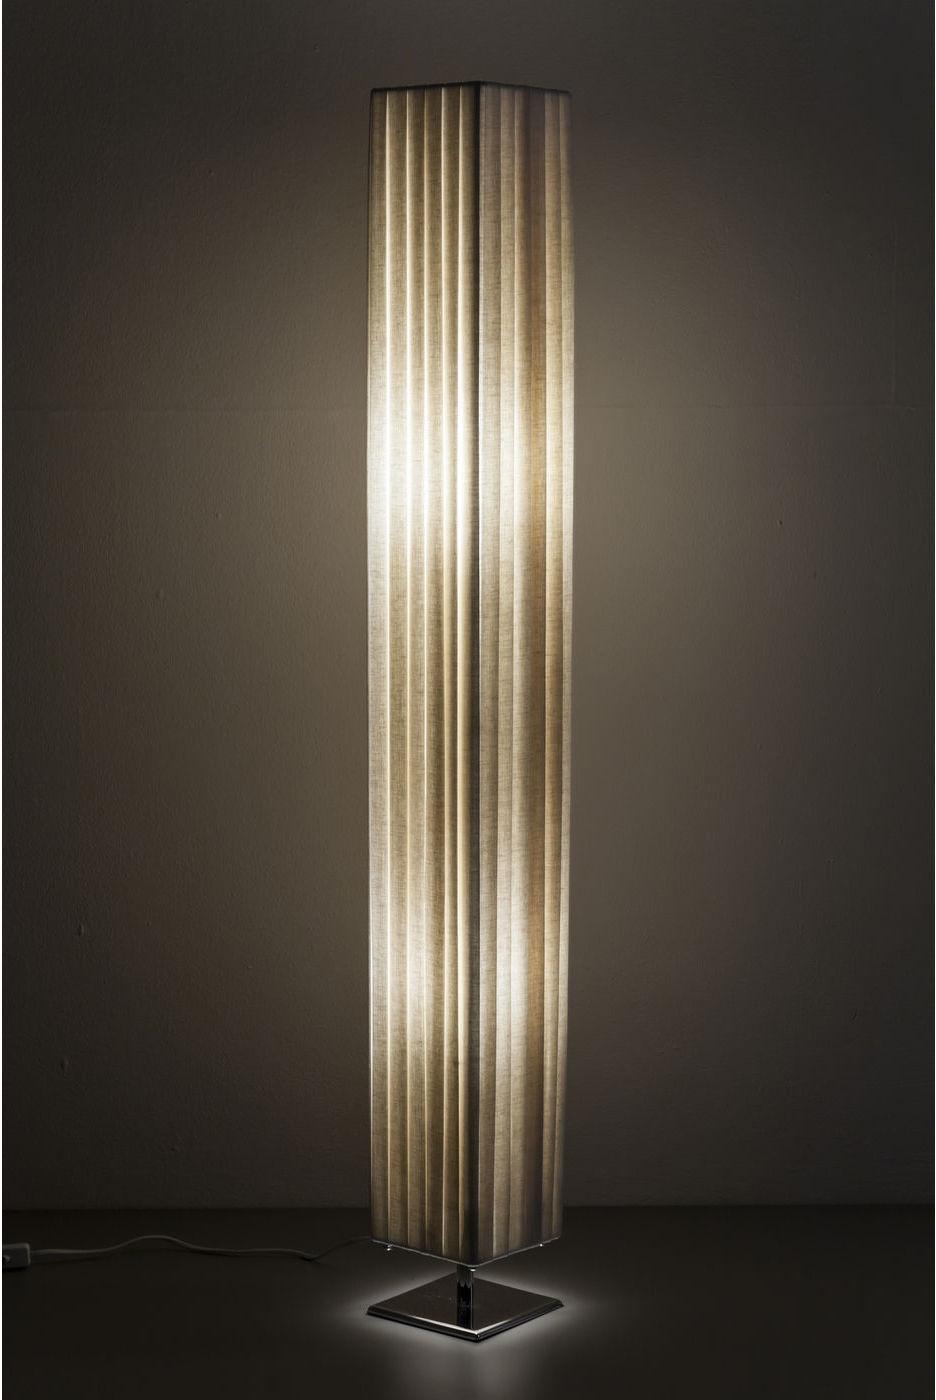 kare design stehlampe facile large wei 120 cm. Black Bedroom Furniture Sets. Home Design Ideas